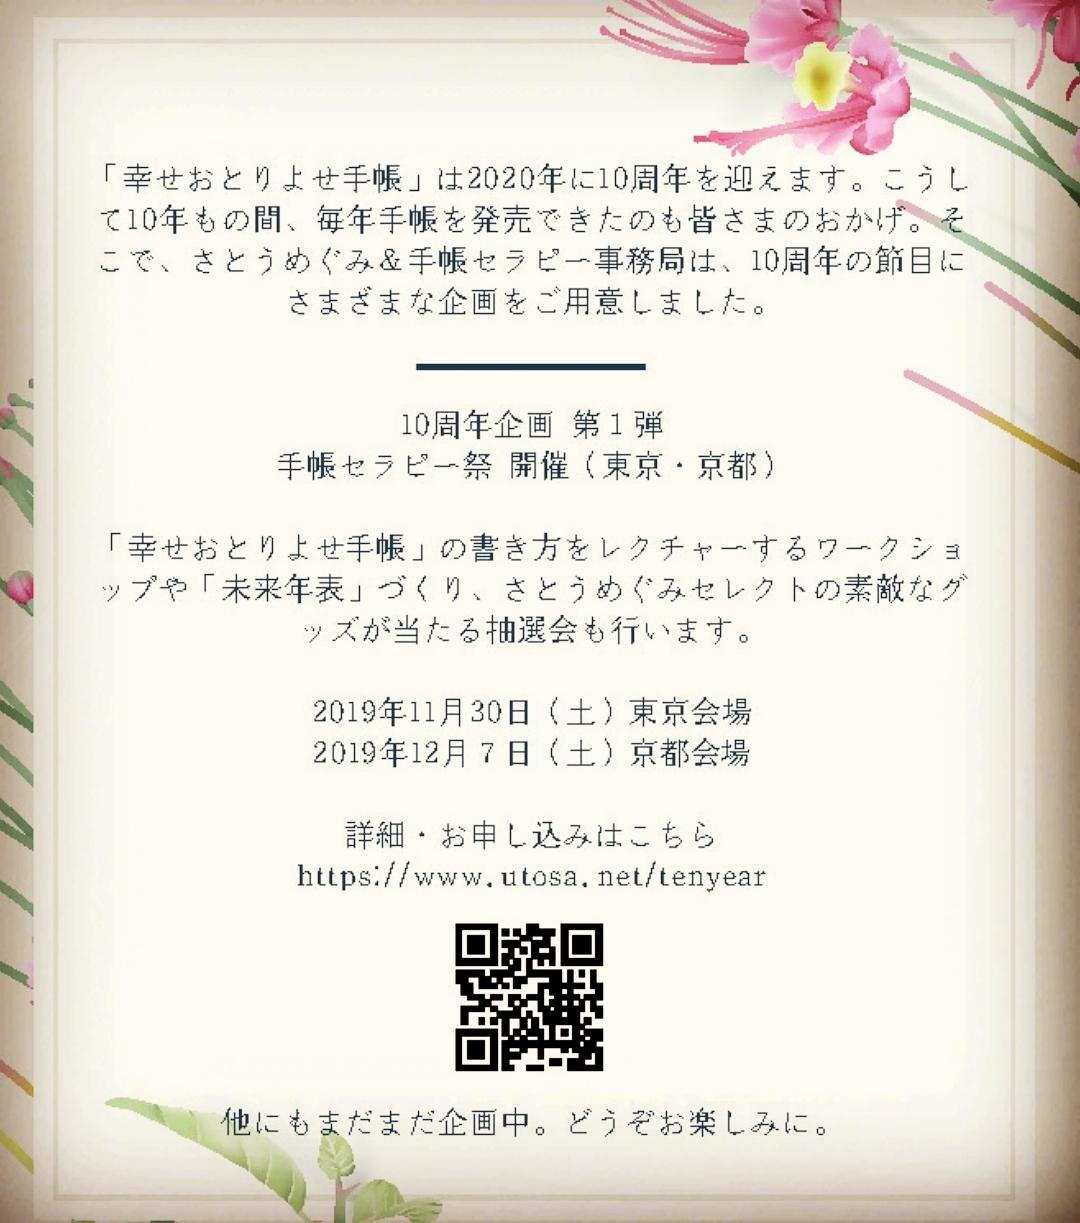 191203  受付中!手帳発売10周年記念イベント「手帳セラピー祭」@京都_f0164842_14270233.jpg